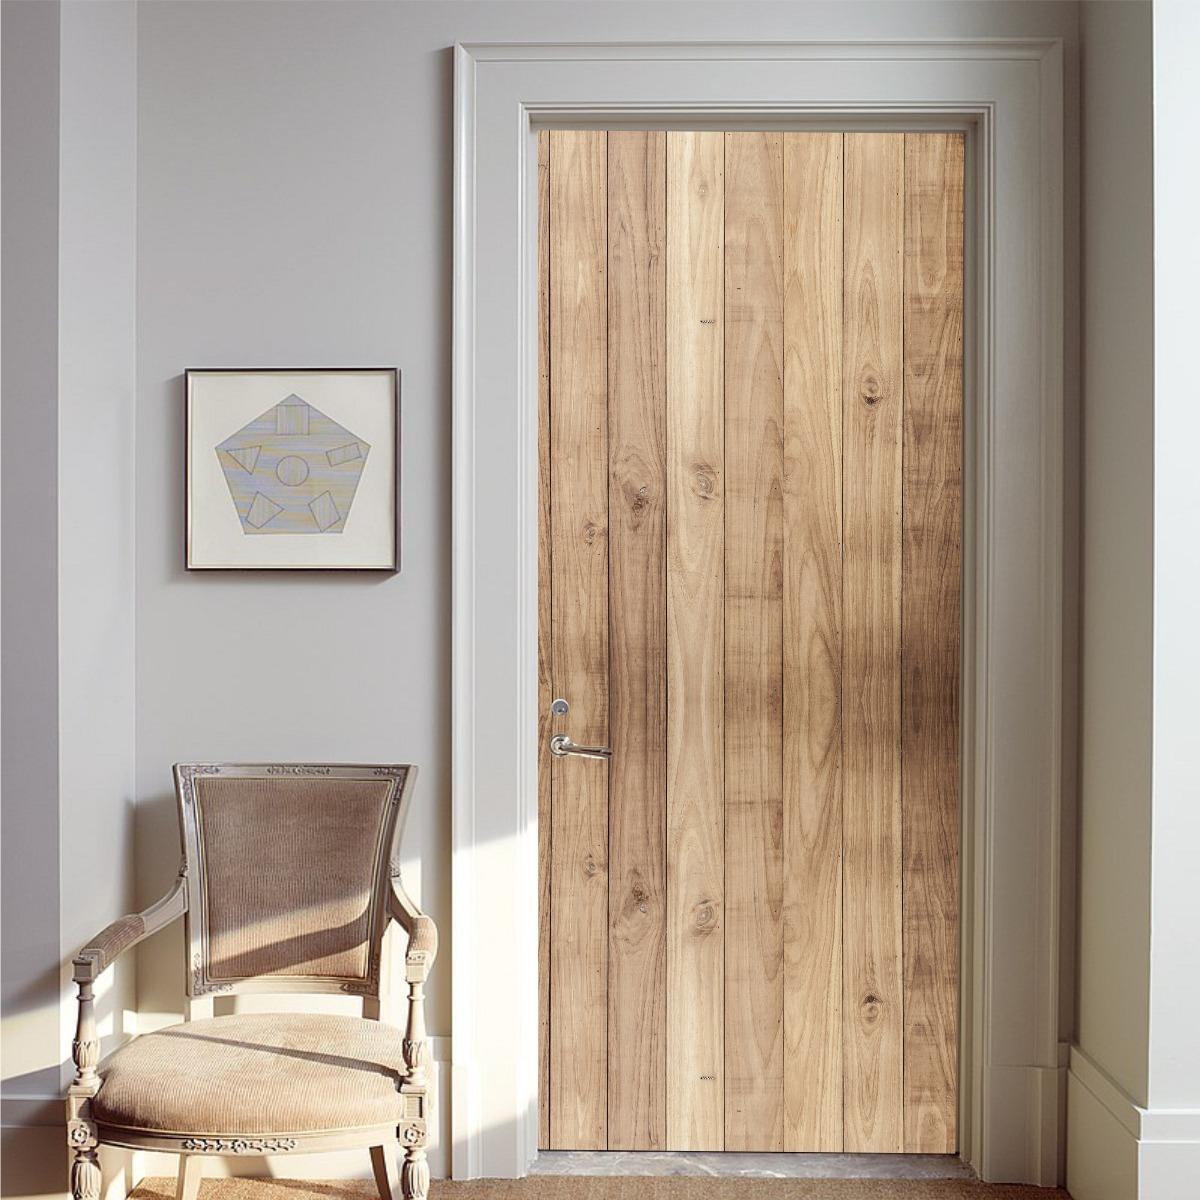 Vinilos madera para puertas cheap bqlzr x cm cuadrado de - Vinilos decorativos para puertas ...